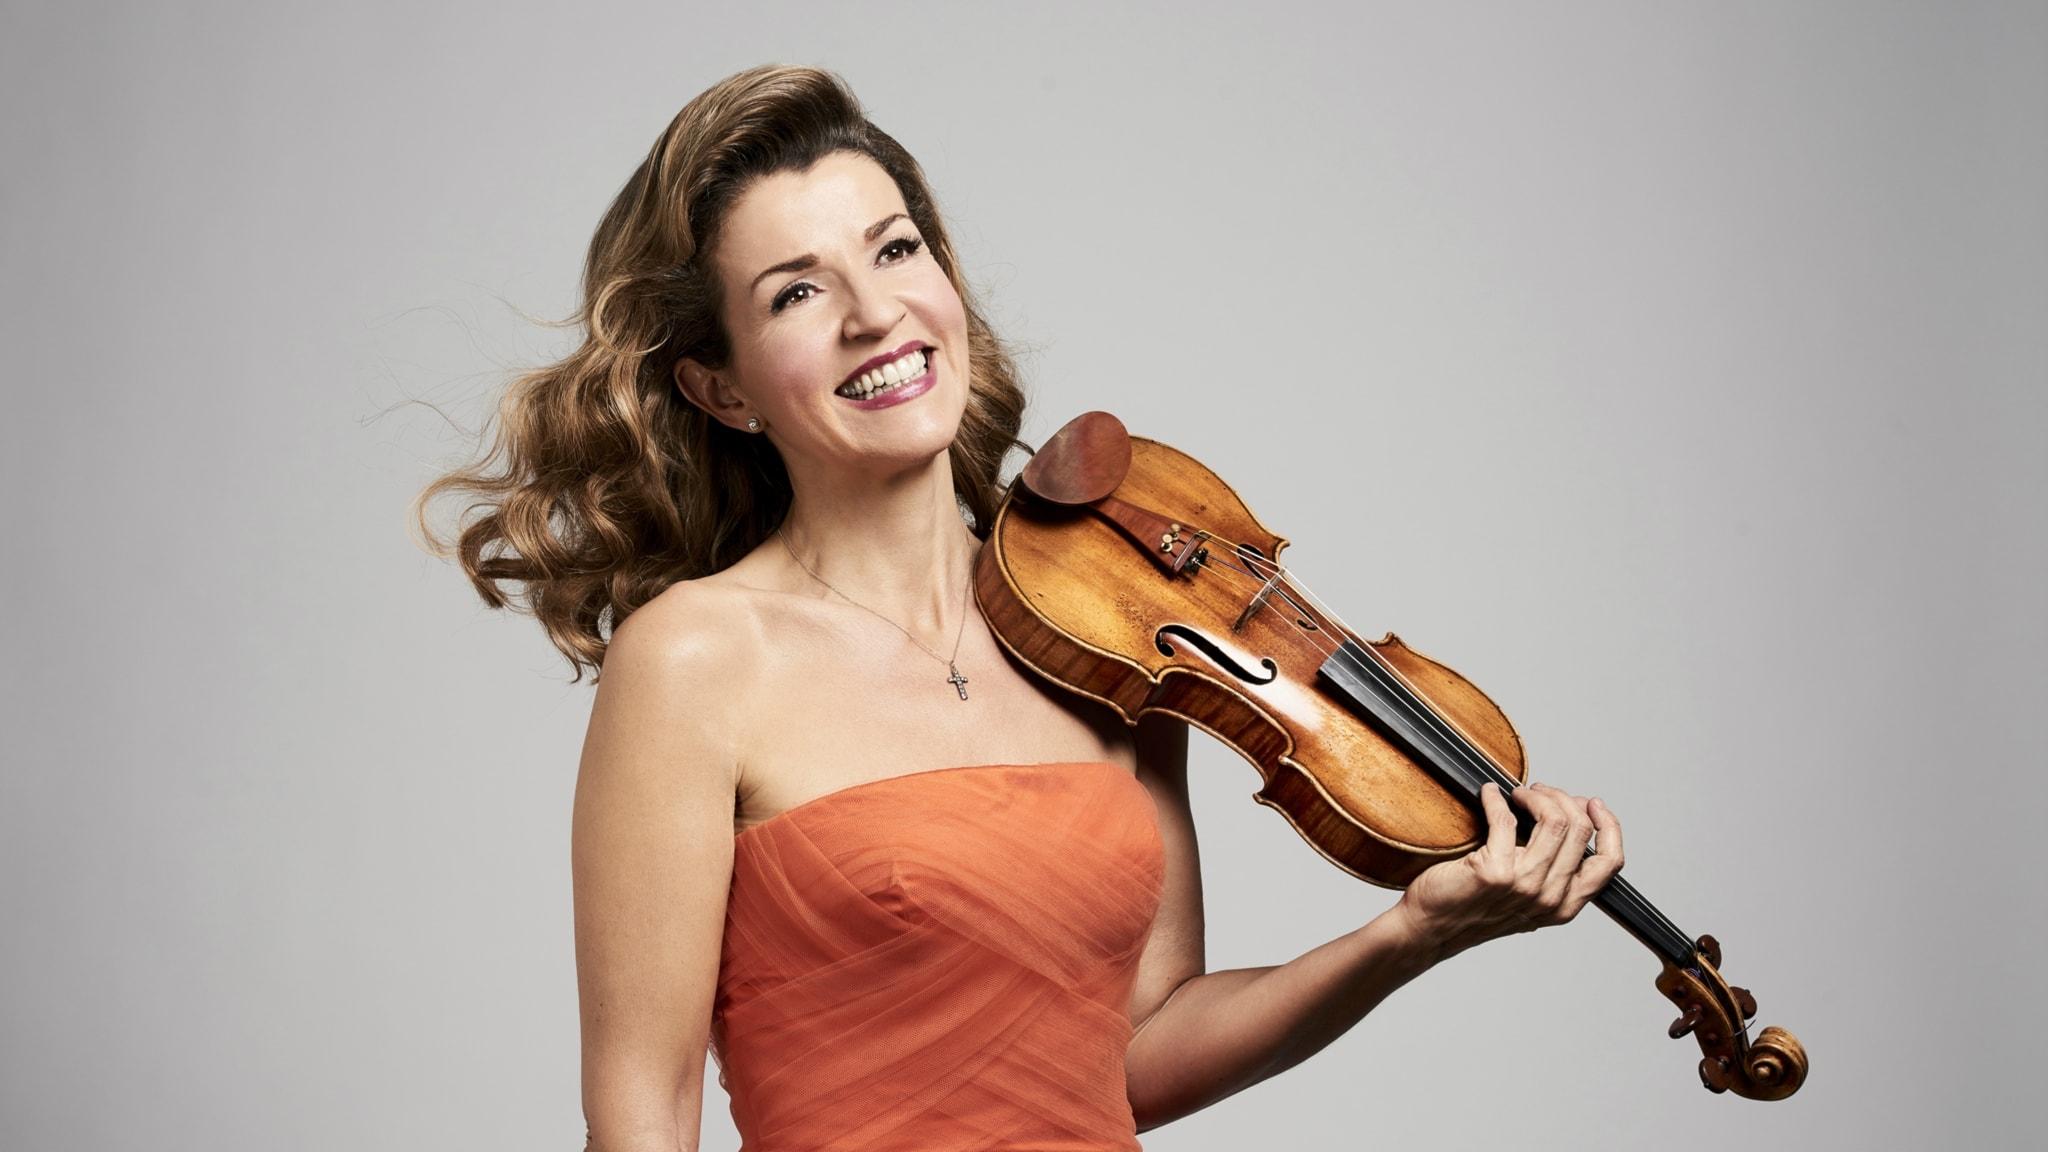 Klassisk morgon - Ungersk dans med Polarpristagaren Ann-Sophie Mutter, Sven-David Sandströms The High Mass och fransk svit av Bach